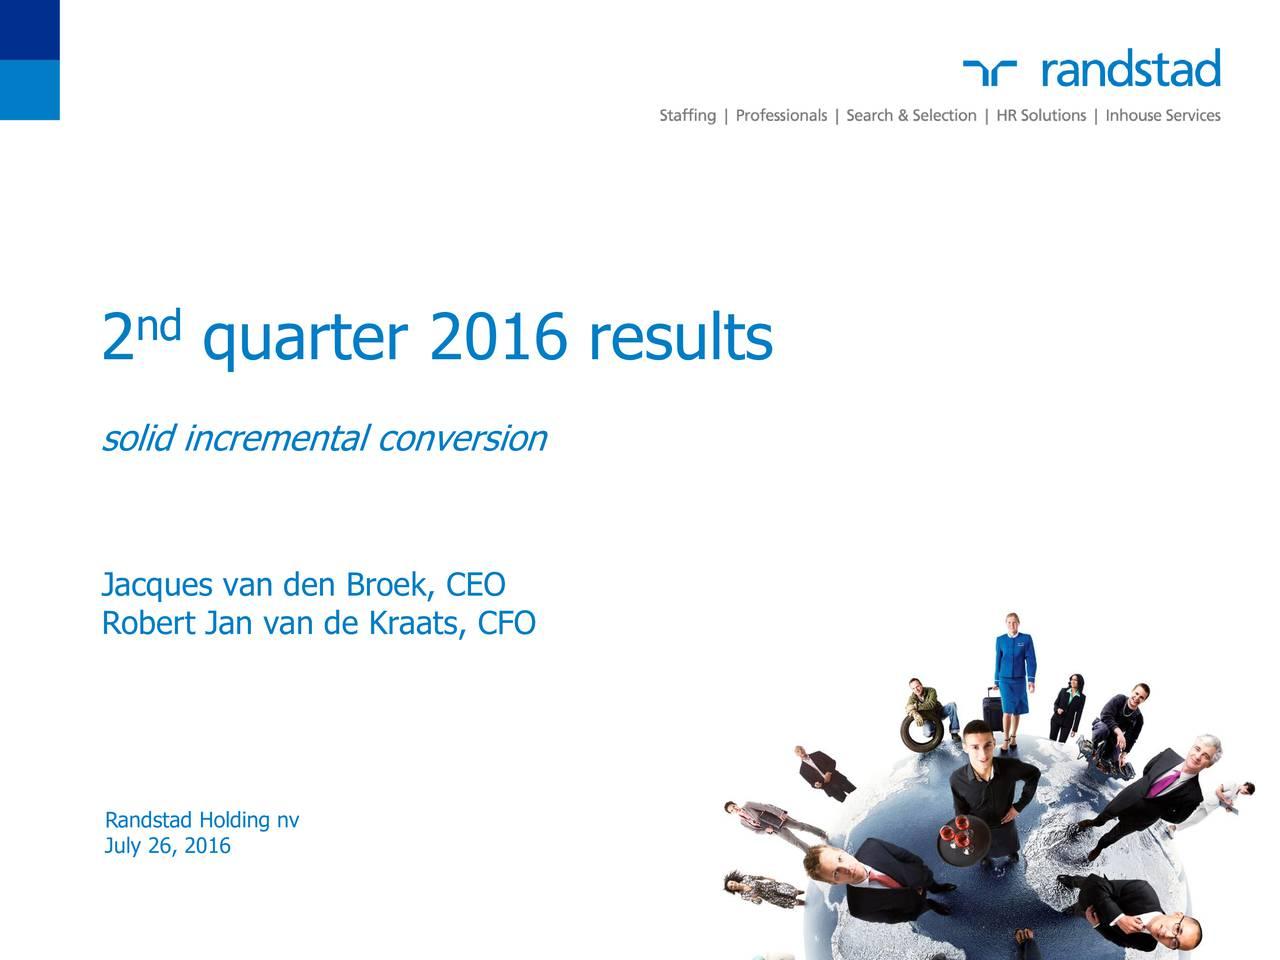 solid incremental conversion Jacques van den Broek, CEO Robert Jan van de Kraats, CFO July 26, 2016ing nv